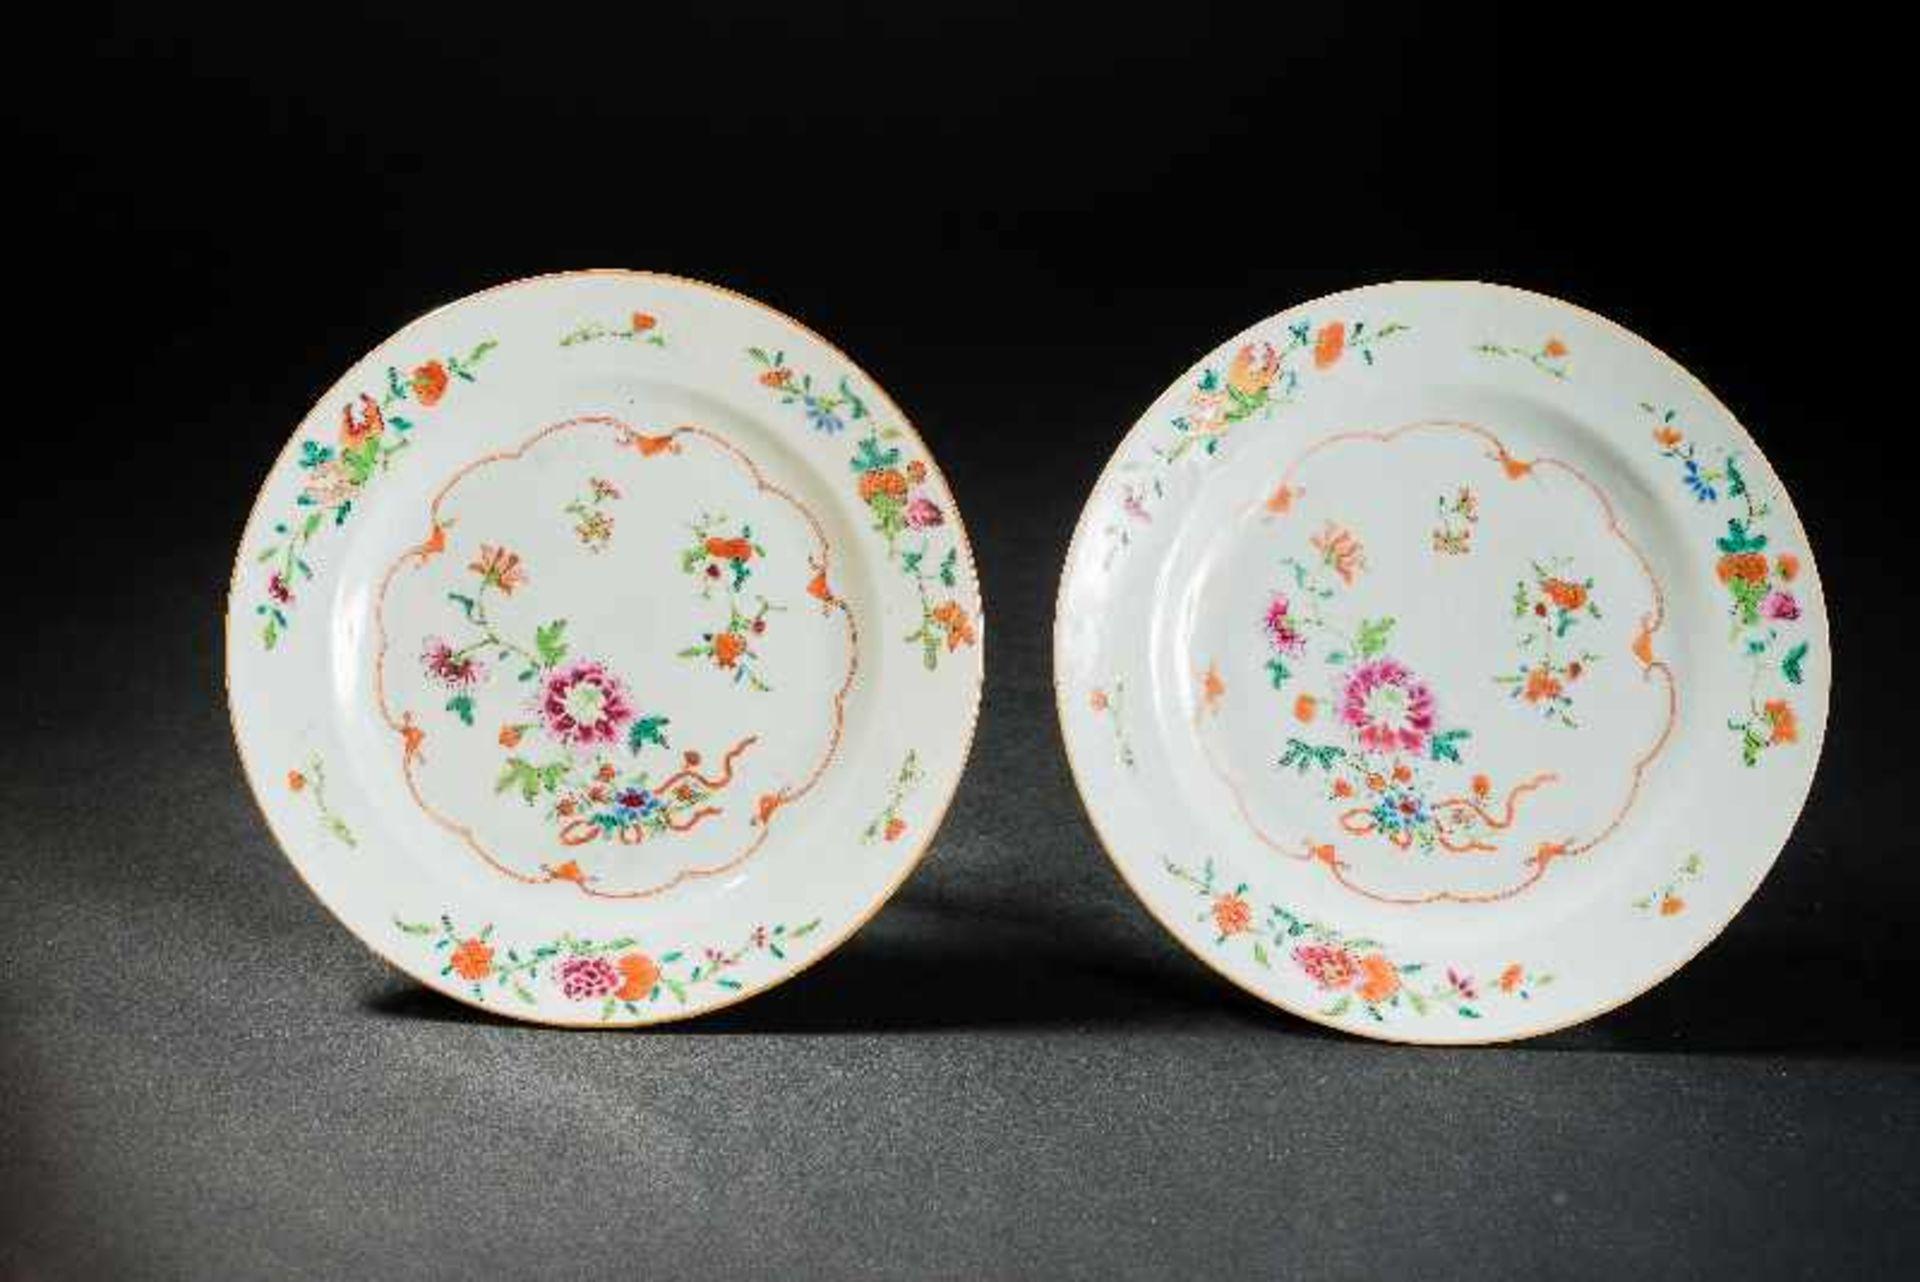 PAAR TELLER Porzellan mit Emailfarben. China, Qing-Dynastie, 18. Jh. Zwei famille-rose Teller, auf